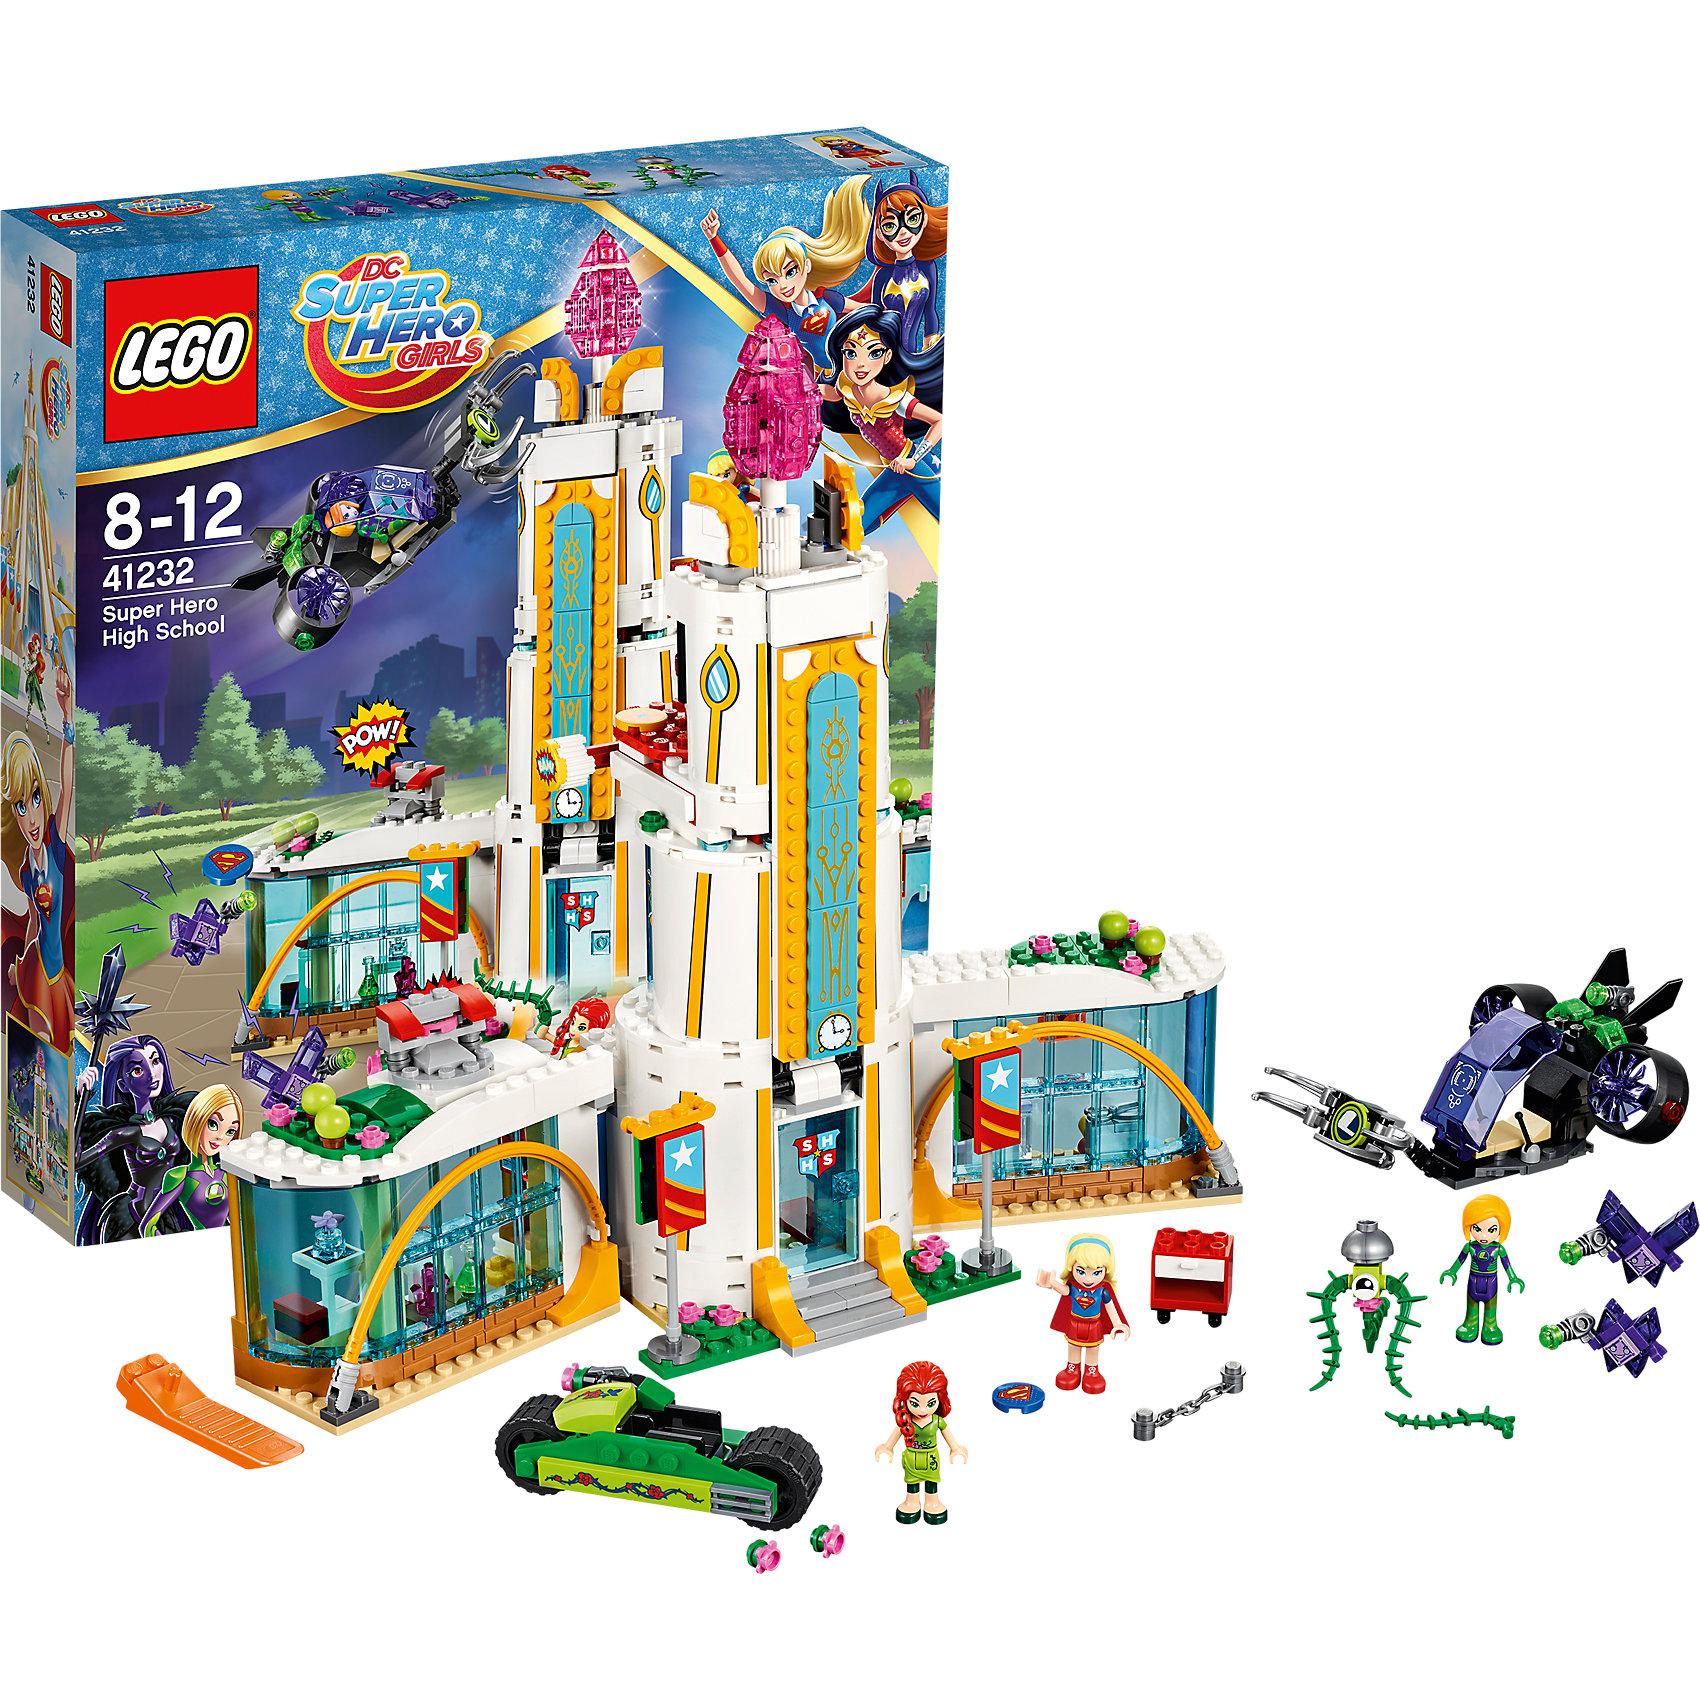 LEGO DC Super Girls 41232: Школа супергероевПластмассовые конструкторы<br>LEGO DC Super Girls 41232: Школа супергероев<br><br>Характеристики:<br><br>- в набор входит: детали школы, двух транспортных средств, 3 фигурки, 2 Криптомита, аксессуары, инструкция по сборке<br>- фигурки набора: Лена Лютор, Супергёрл, Ядовитый Плющ (Пойзон Иви),<br>- состав: пластик<br>- количество деталей: 712 <br>- размер школы: 33 * 10 * 30 см.<br>- размер самолета: 15 * 6 * 10 см.<br>- размер мотоцикла: 3 * 8 * 3 см.<br>- для детей в возрасте: от 8 до 12 лет<br>- Страна производитель: Дания/Китай/Чехия<br><br>Легендарный конструктор LEGO (ЛЕГО) представляет серию «DC Super Girls» (ДиСи Супер Гёрлс) по сюжетам фильмов и мультфильмов о супергероинях. <br><br>Этот набор понравится любителям короткометражных мультфильмов компании Warner Brothers DC Super Girls (ДиСи Супер Гёрлс). <br><br>Внутри школы расположена лаборатория, откуда были выпущены Криптомиты, а так же кабинет шитья супер костюмов. На крыше расположена оранжерея с растениями Ядовитого Плюща (Пойзон Иви). С помощью специального механизма передняя часть башни переворачивается, выпуская Плюща на ее мотоцикле вниз по съезду. Плющ и Супергёрл защищают школу от нападения Лены Лютор и Криптомитов. С левой строны крыши расположена катапульта с дисками Супергёрл. Тем временем, Лена Лютор на своем самолете хочет похитить главный камень на пике центральной башни. Ее самолет может перевернутым, а сама Лена не выпадет из него благодаря специальному креплению. В самолет установлен специальный выдвижной зажим, которым она пользуется для похищения камня. Мотоцикл Плюща оснащен механизмом для стрельбы растениями, сама героиня держит в руках длинный побег с шипами. <br><br>В набор оружия входят три лазера, диск Плюща и диск Супергёрл, две цепи. В аксессуары вошли гаечный ключ, колба, Суперкружки, дополнительный плащ, фрагмент аметиста, цветов Плюща, телефон Супергёрл, ножницы и кусочек суши. <br><br>Играя с конструктором ребенок развивает моторик